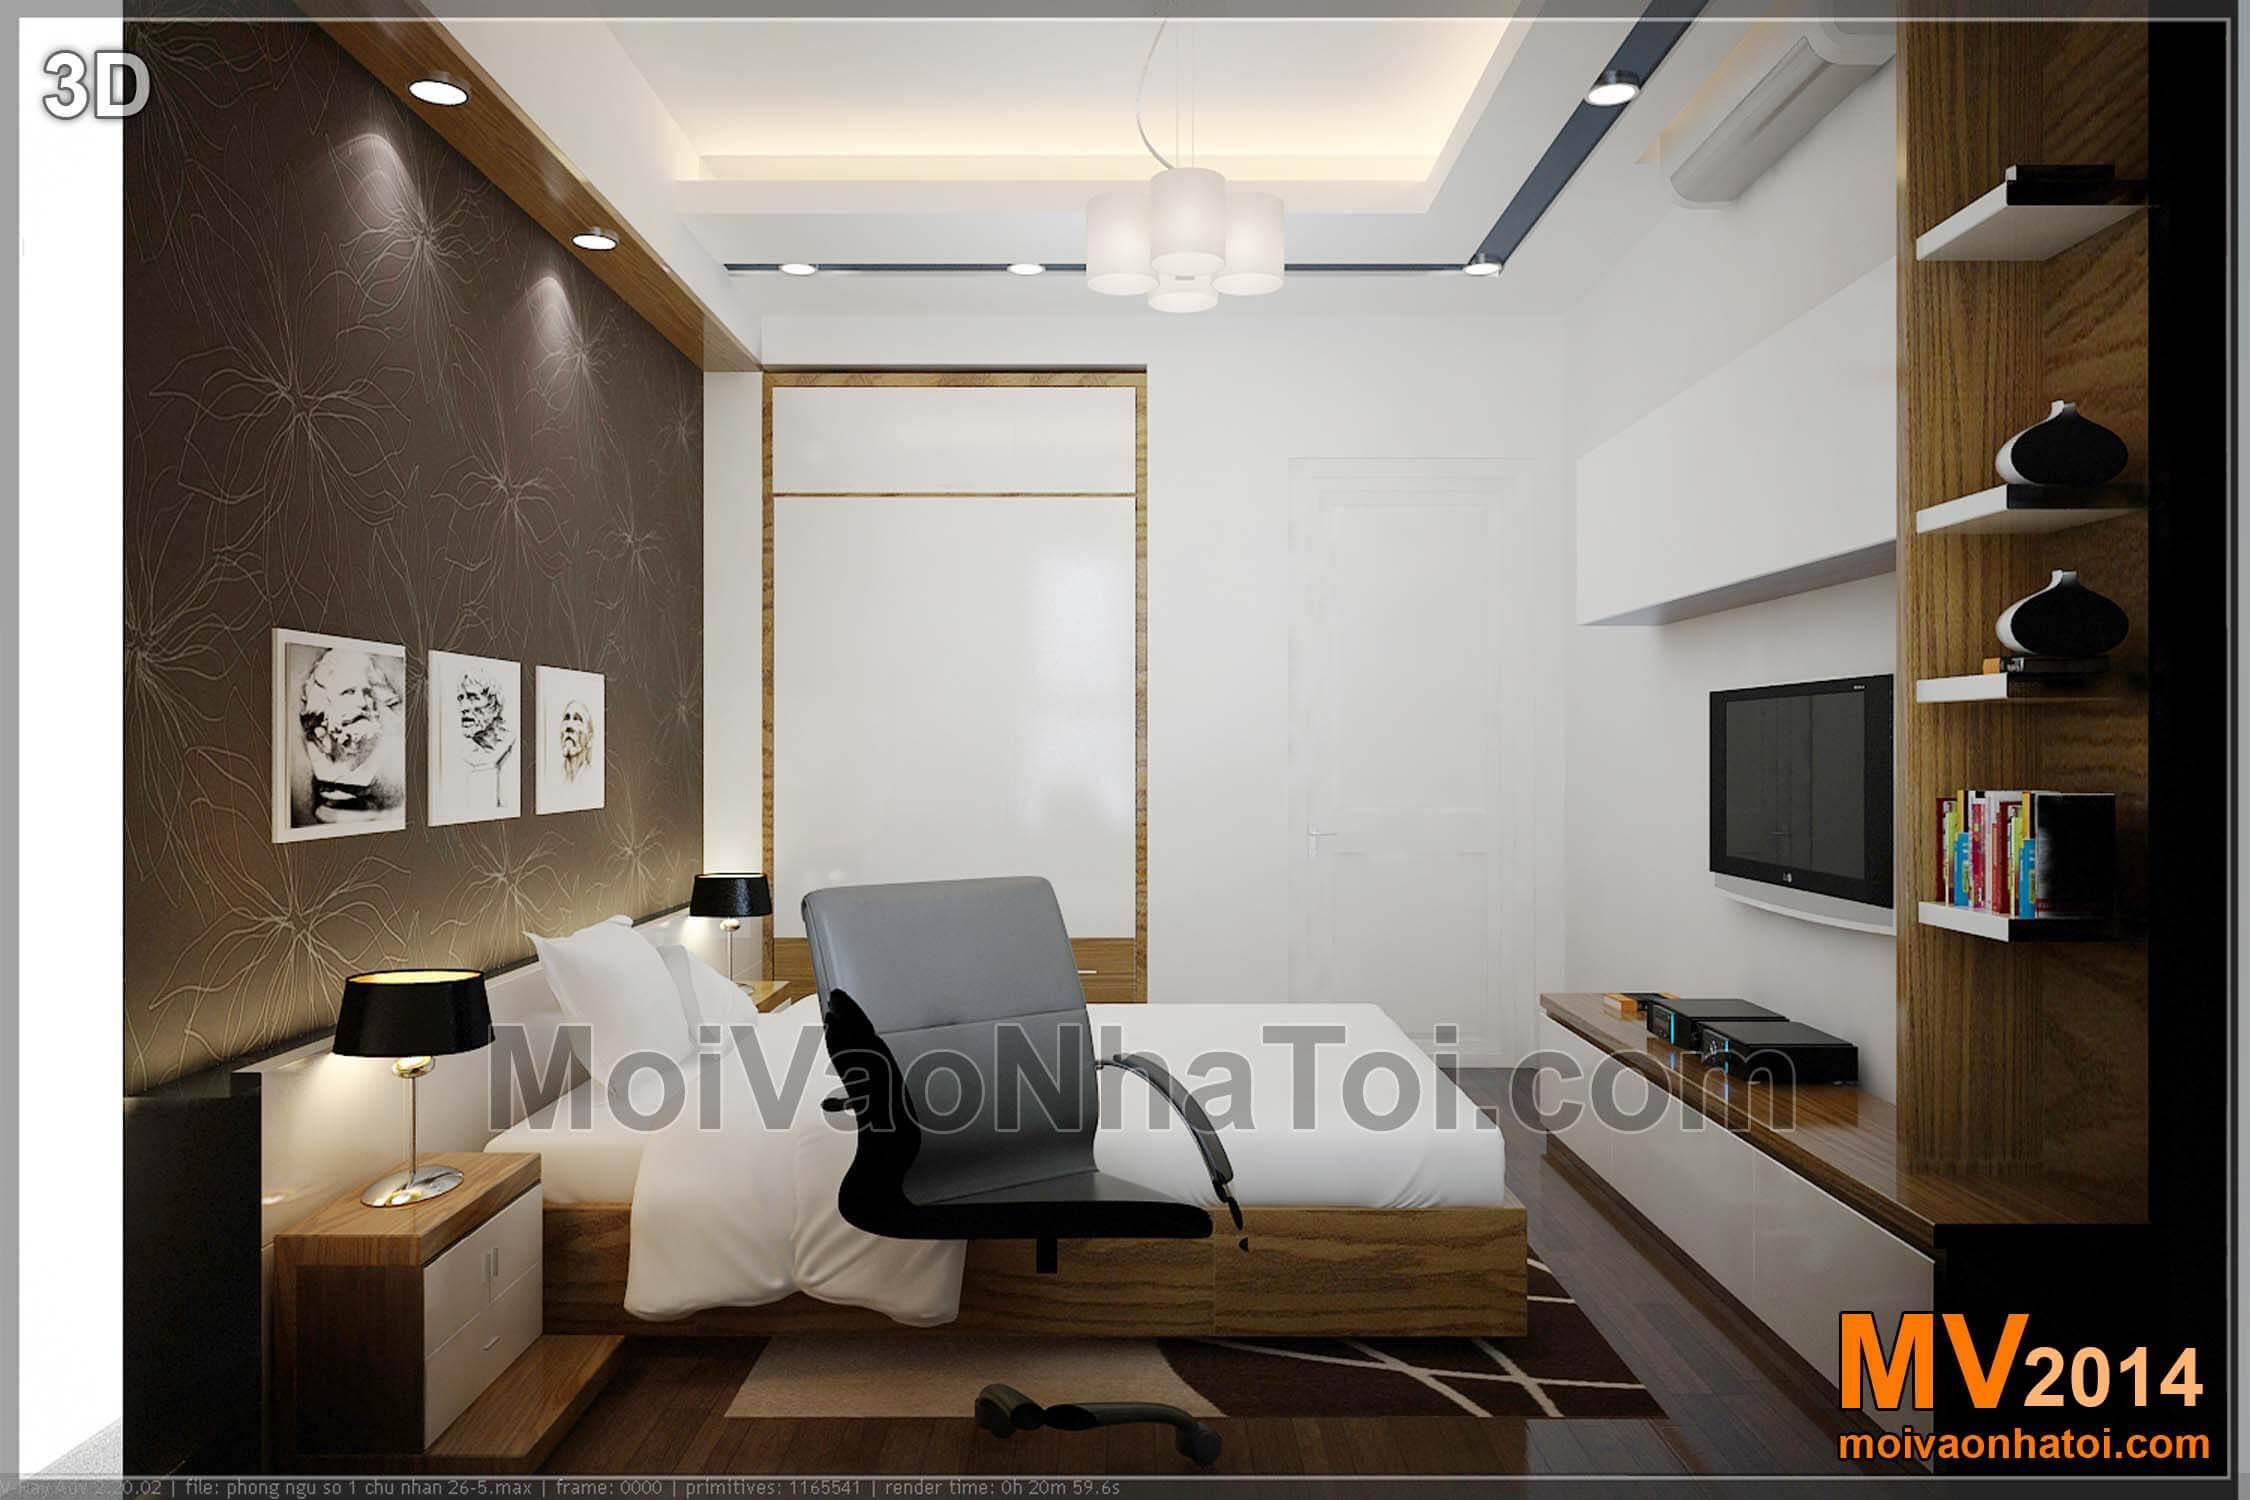 Thiết kế phòng ngủ con bản vẽ 3D